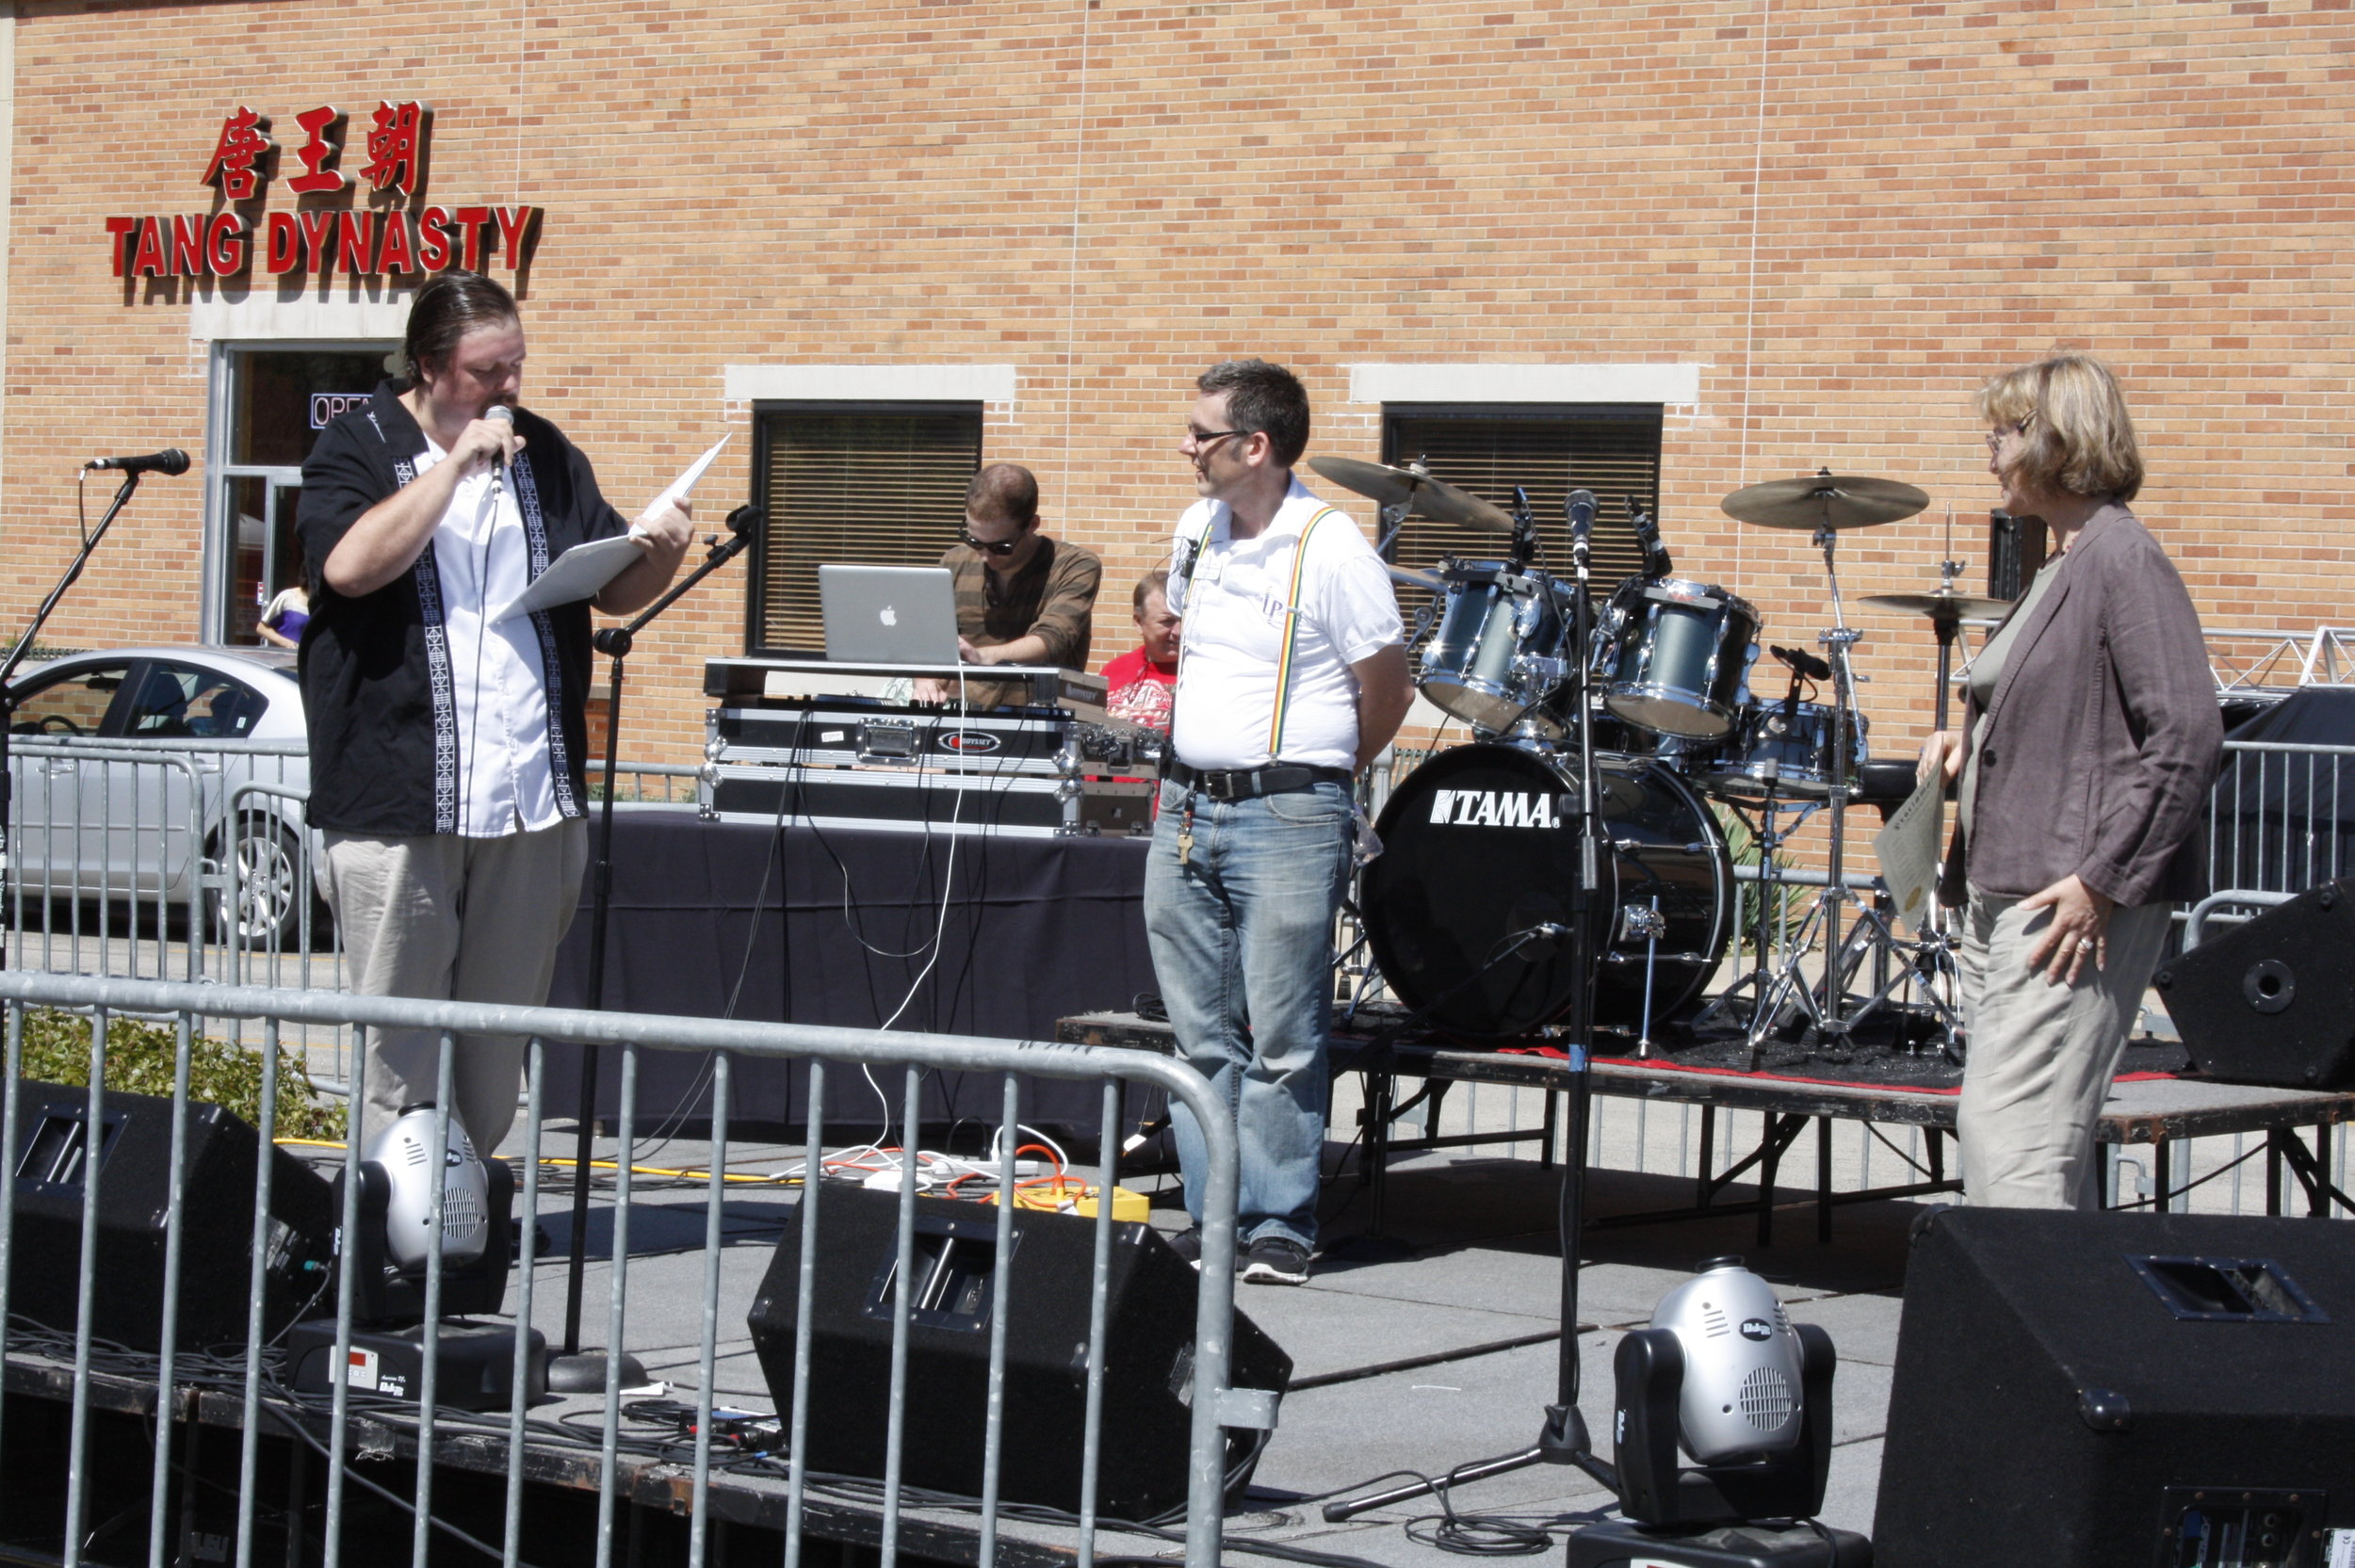 pridefest201220120908_0001.JPG